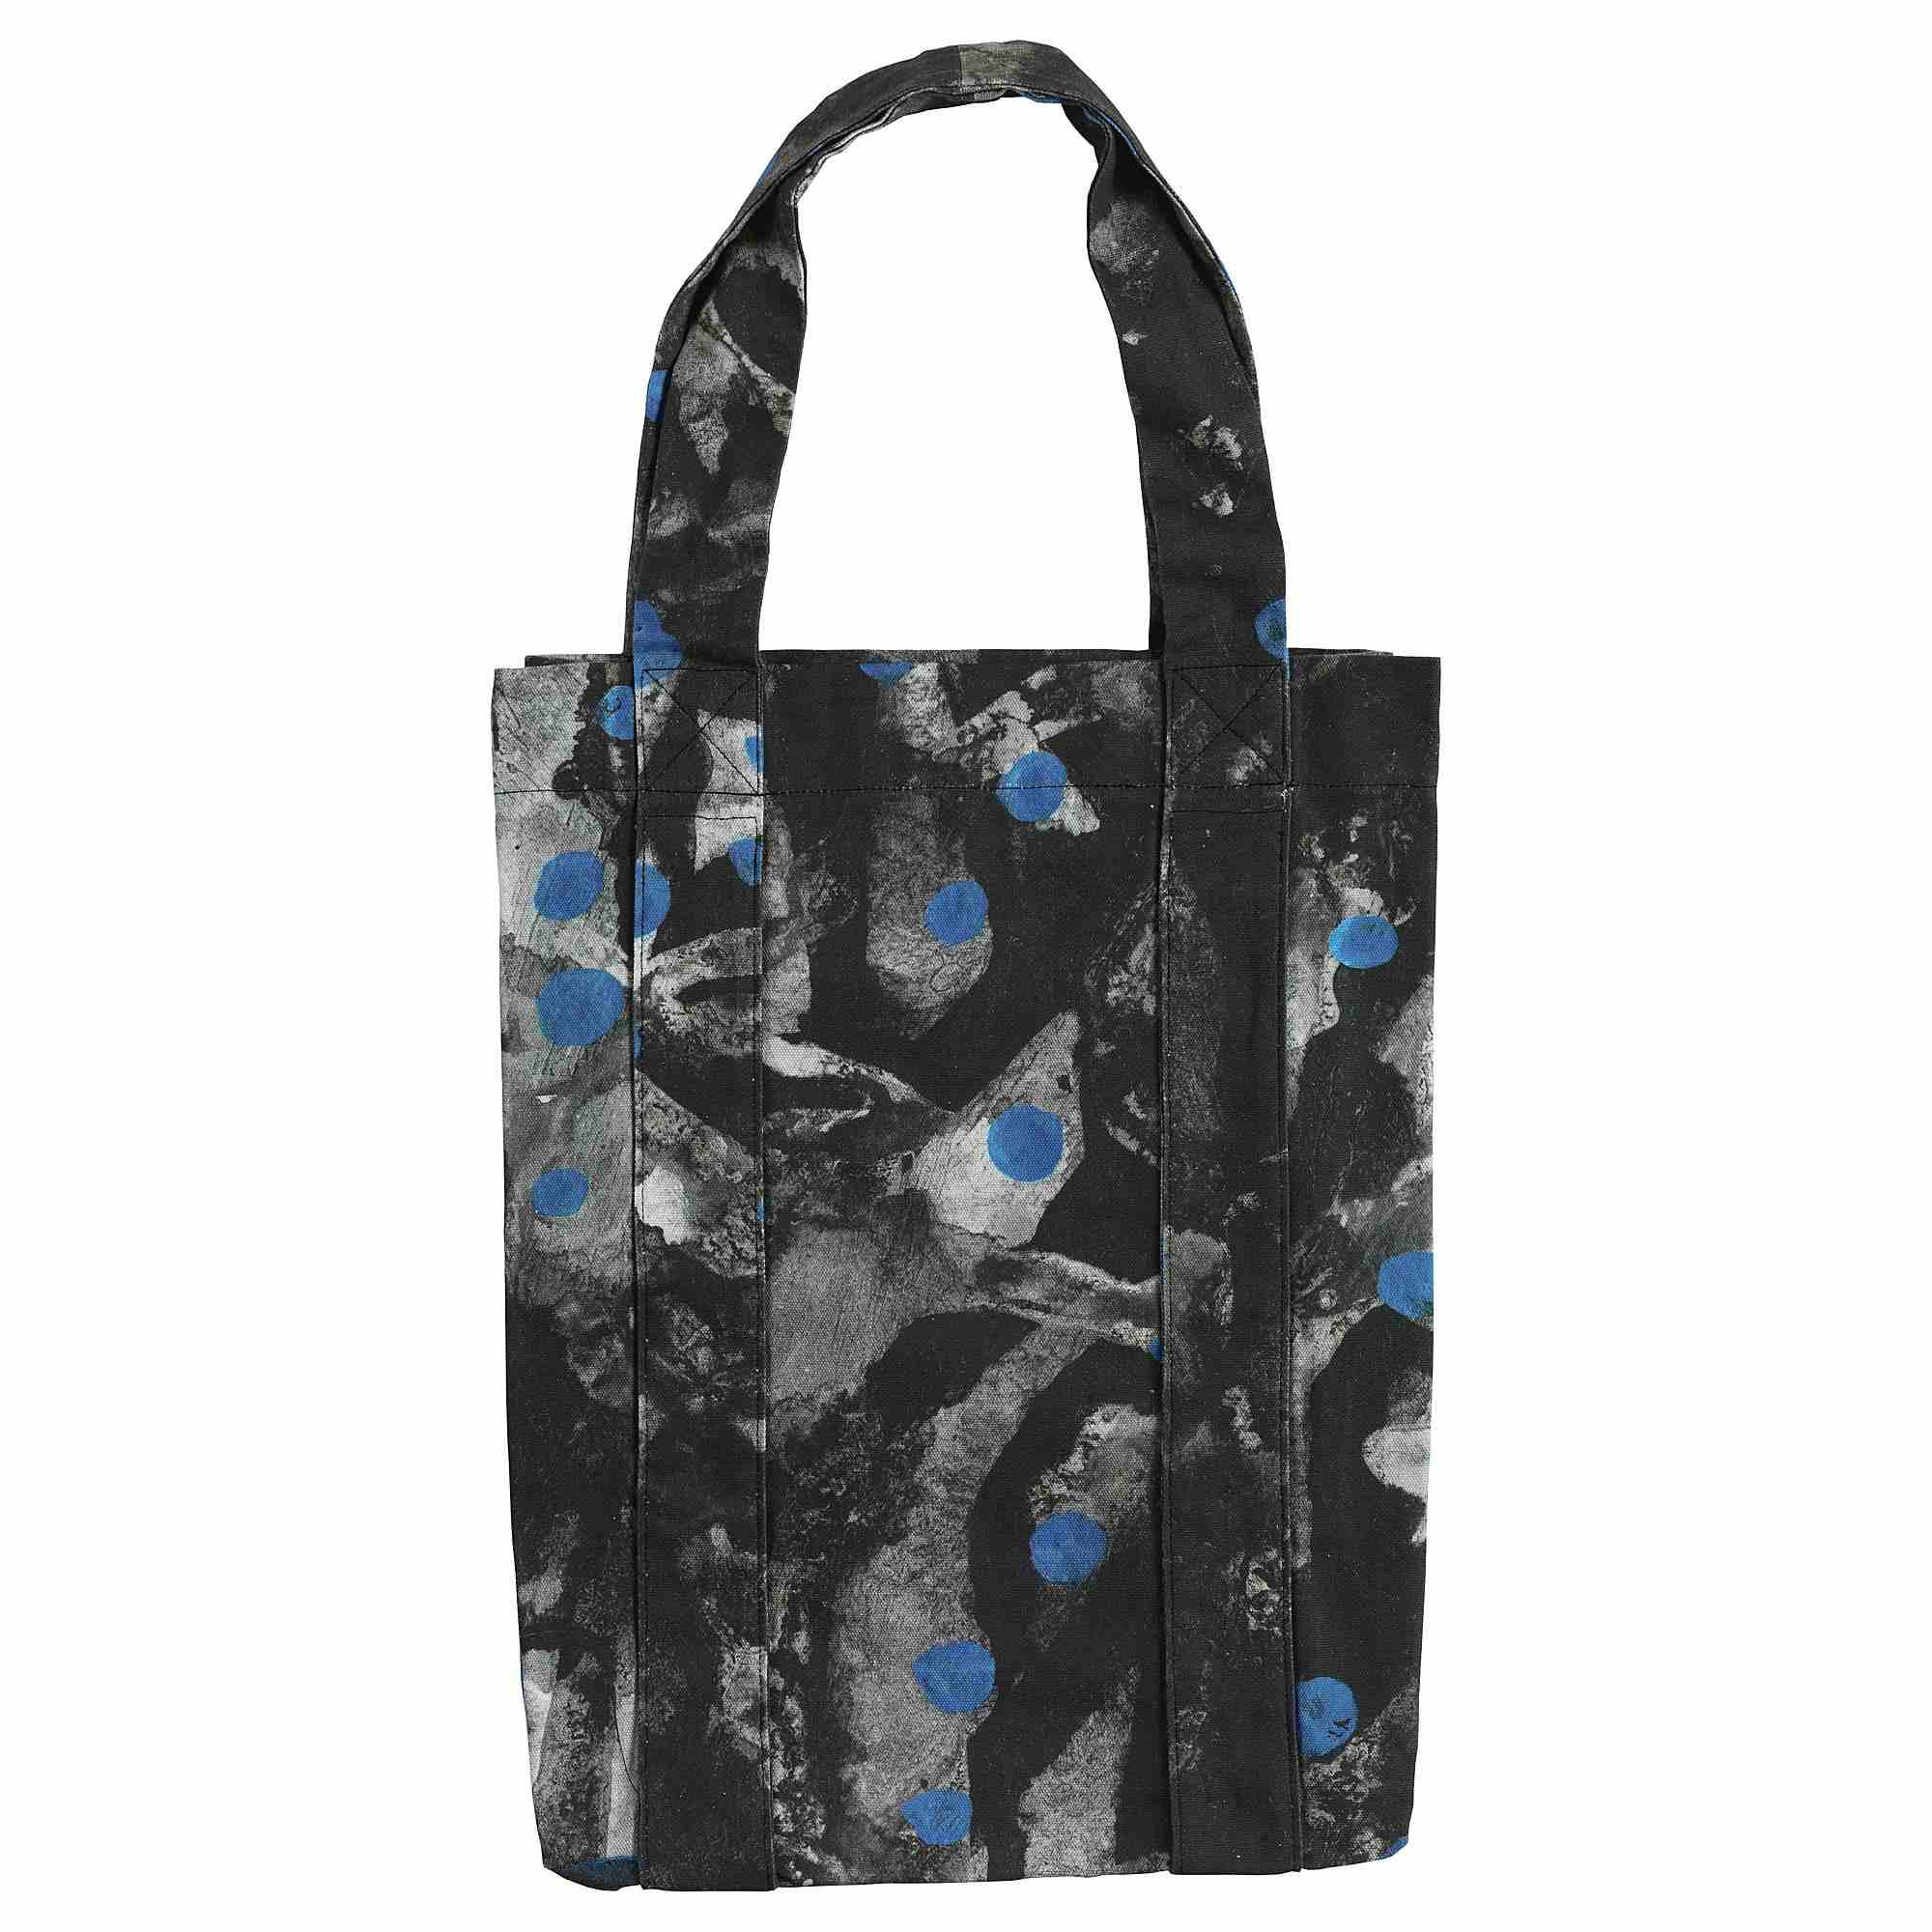 ANNANSTANS Bag